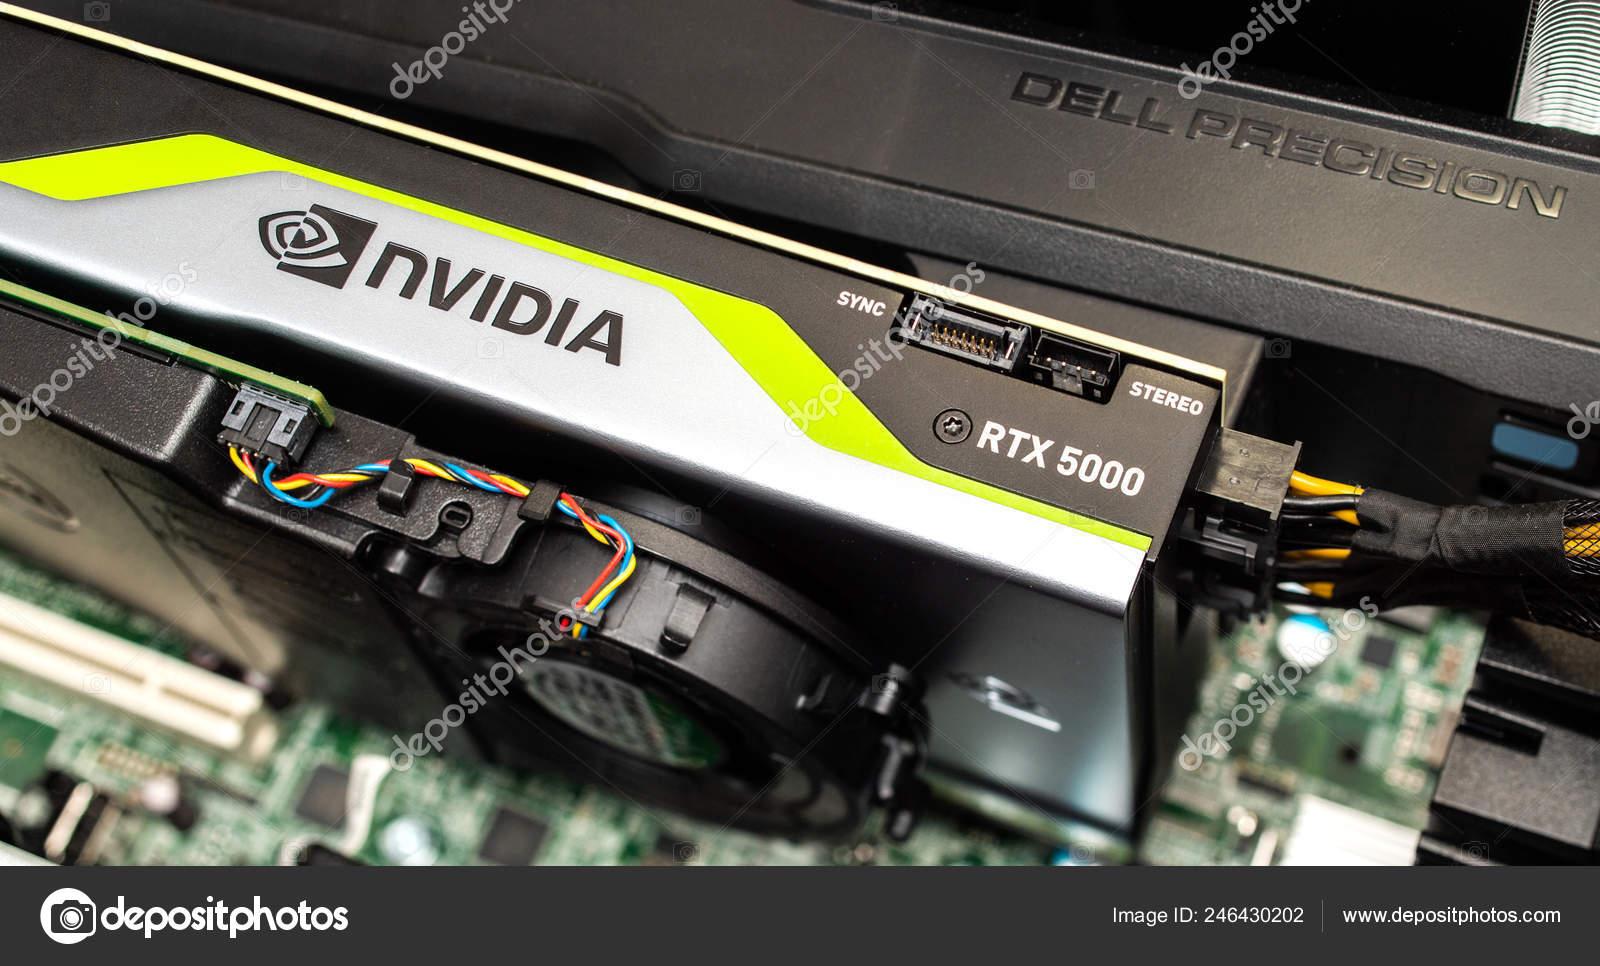 New Nvidia RTX in Dell Precision T7910 workstation – Stock